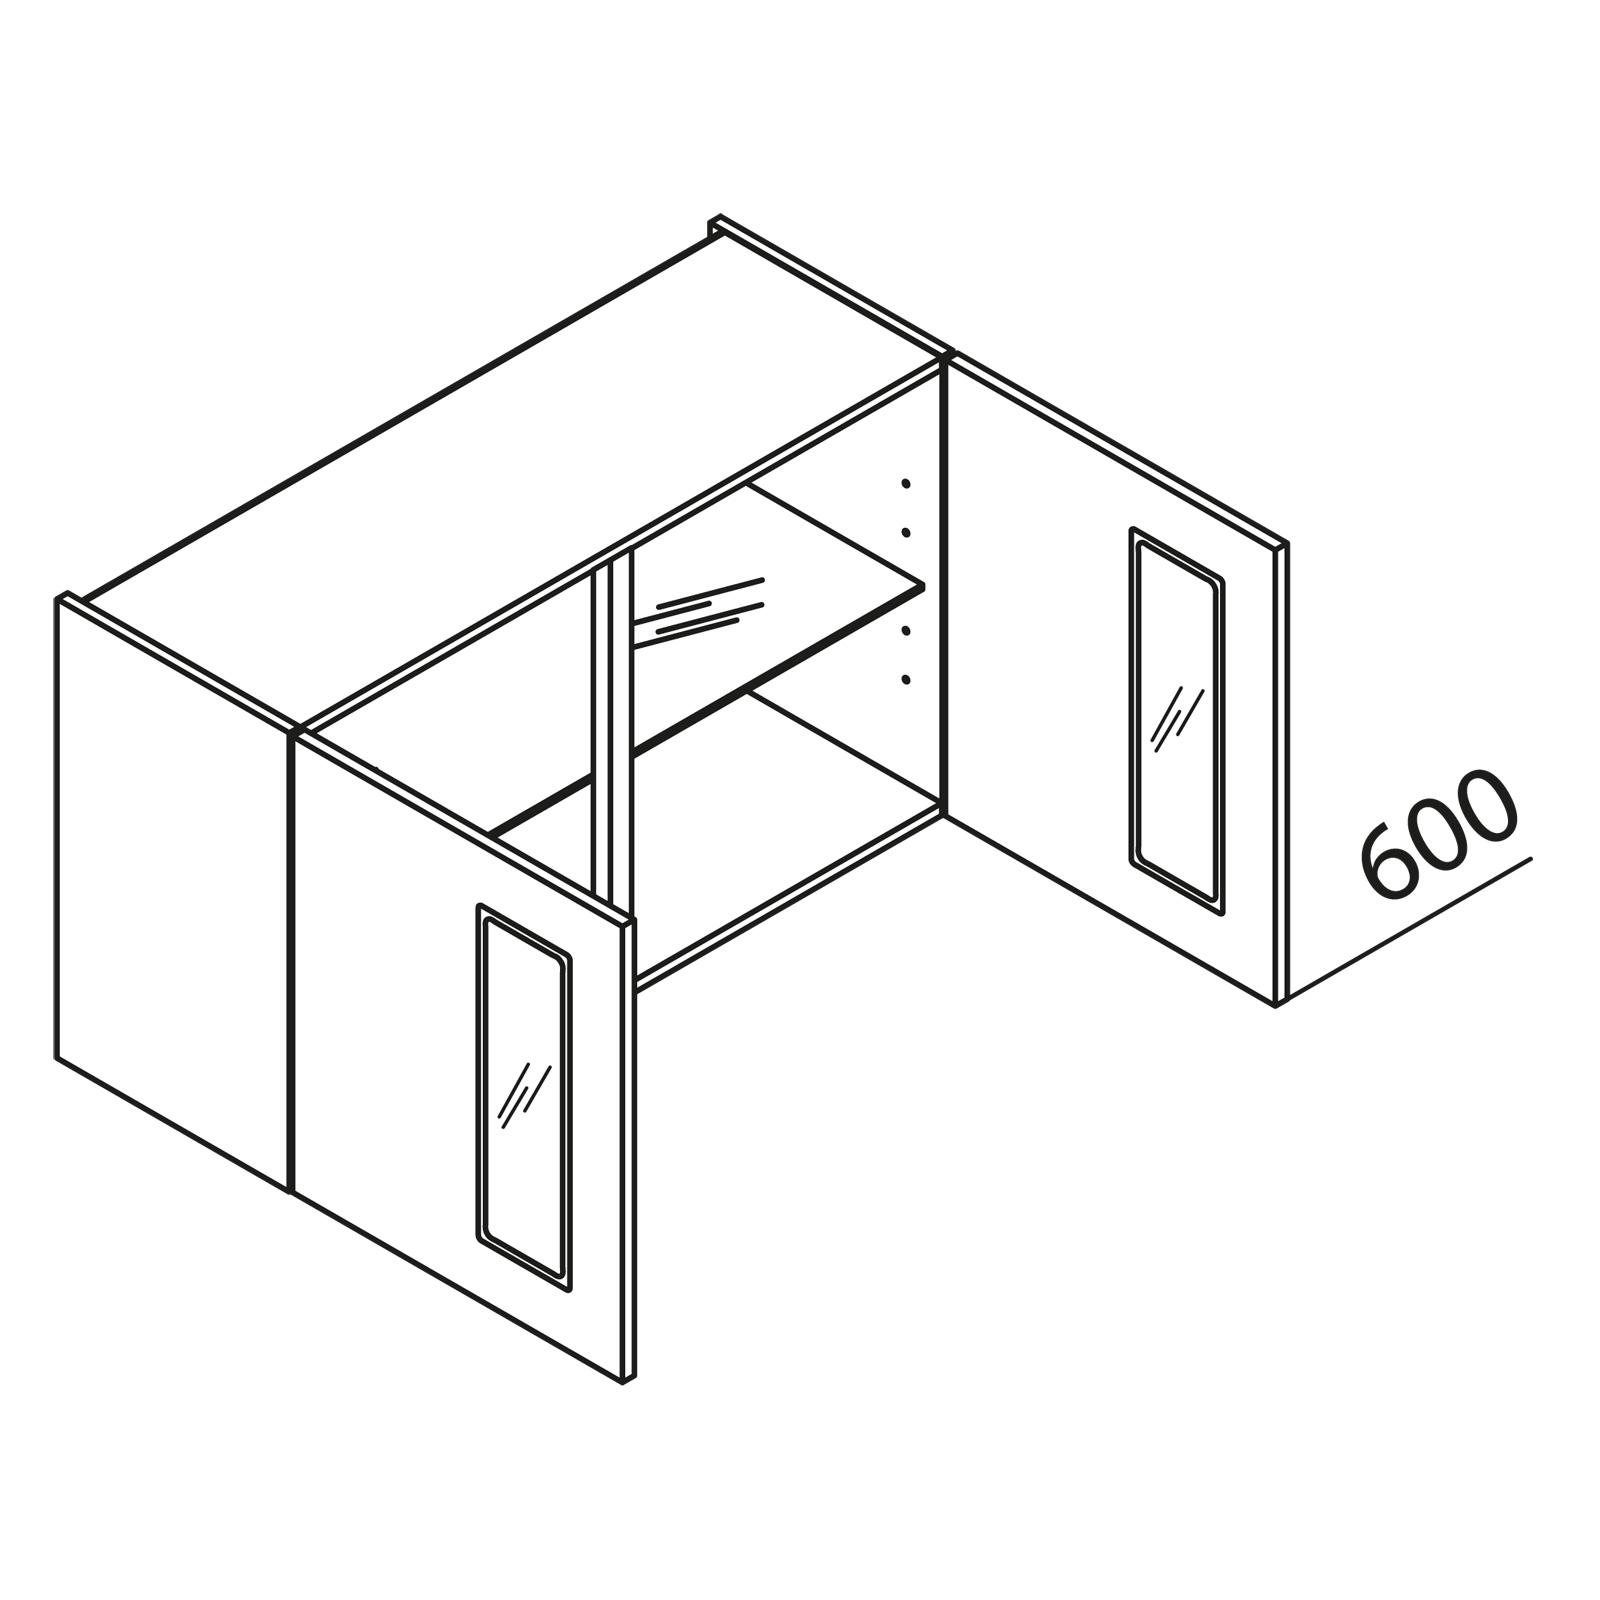 Nolte Küchen: MatrixART Glas Hängeschrank YHVAG120-60 kaufen